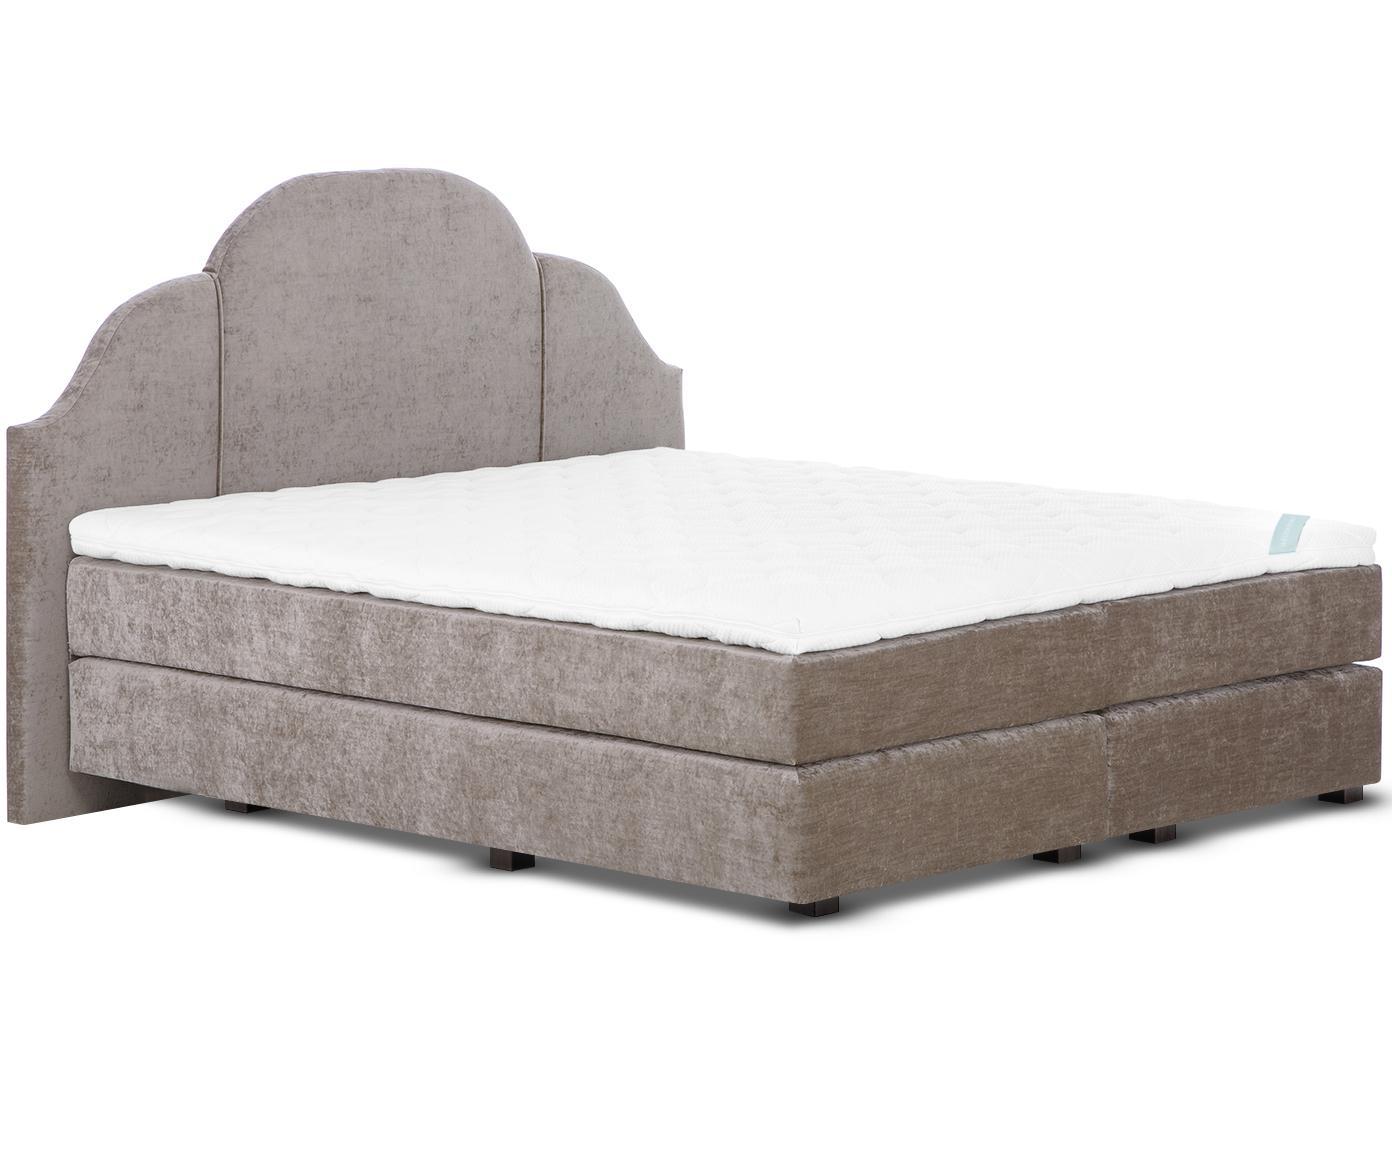 Łóżko kontynentalne z aksamitu premium Gloria, Nogi: lite drewno bukowe, lakie, Taupe, 140 x 200 cm